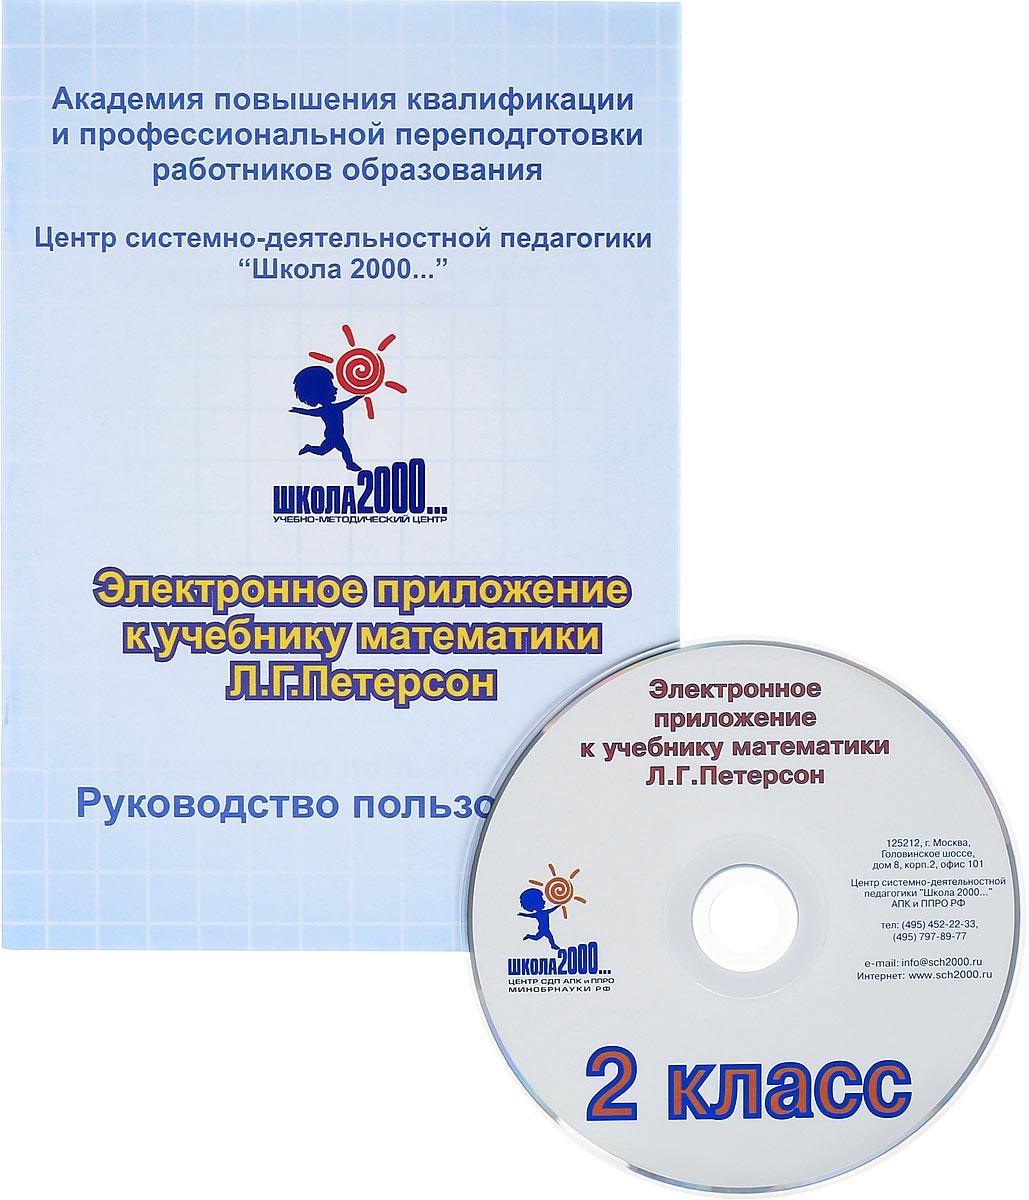 Математика. 2 класс. Руководство пользователя и электронное приложение. К учебнику Л. Г. Петерсона (+ CD-ROM)